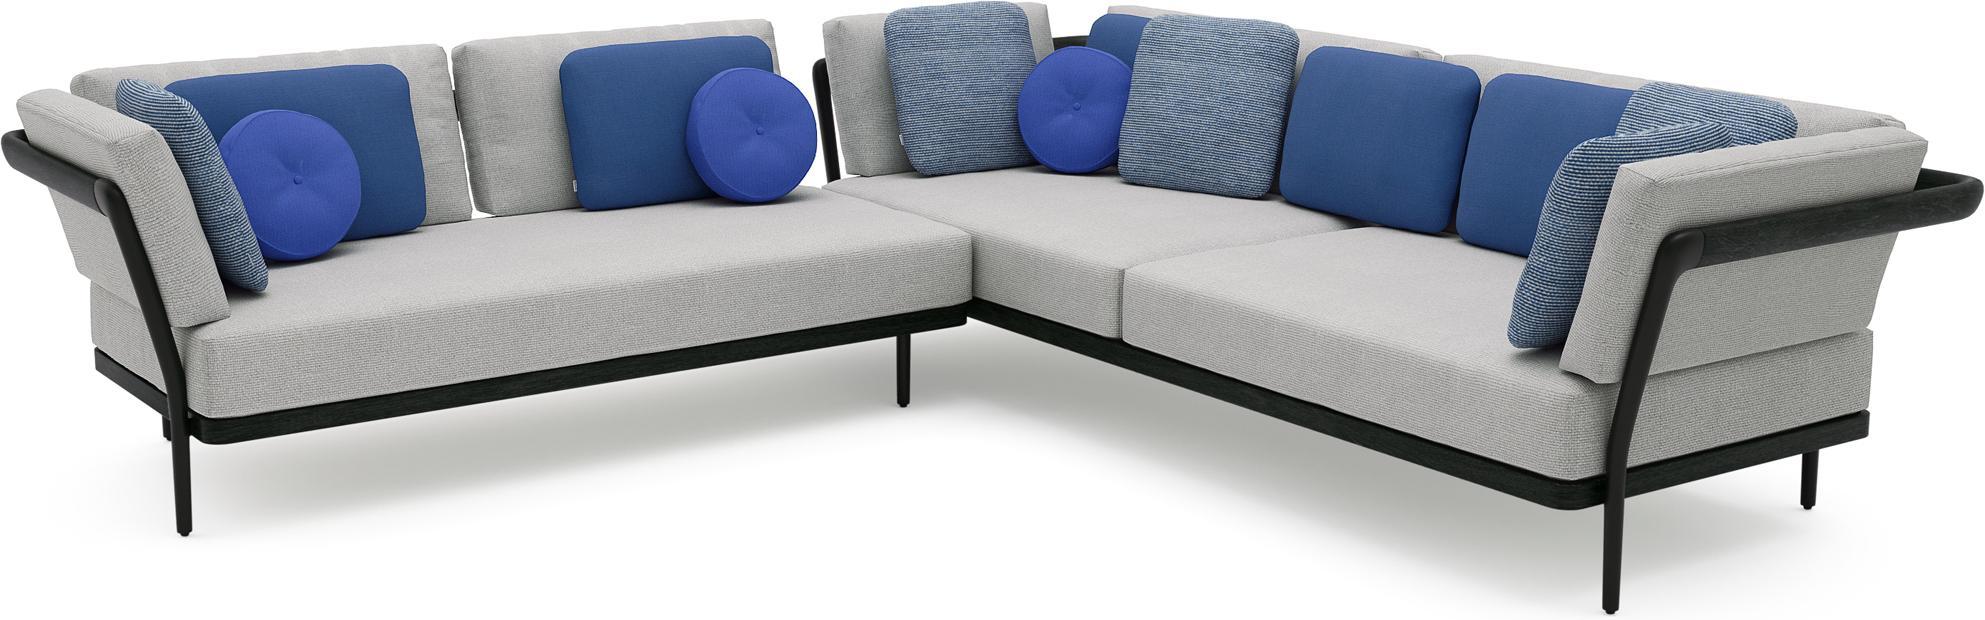 Flex Concept 8 teak nero black